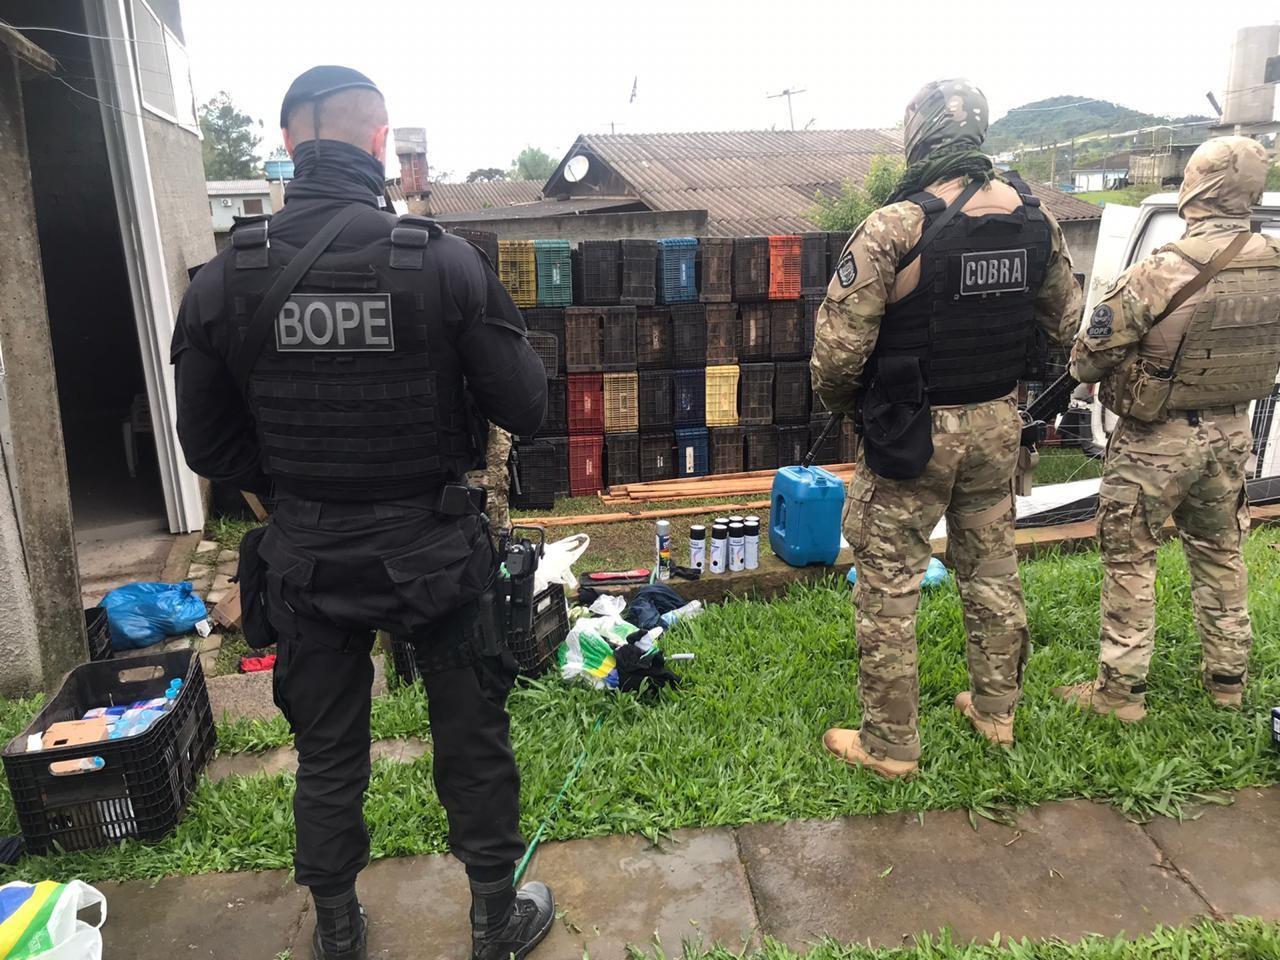 Assalto em Criciúma: polícia encontra acionador de explosivo e roupas com sangue em casa no RS; mais um suspeito é preso